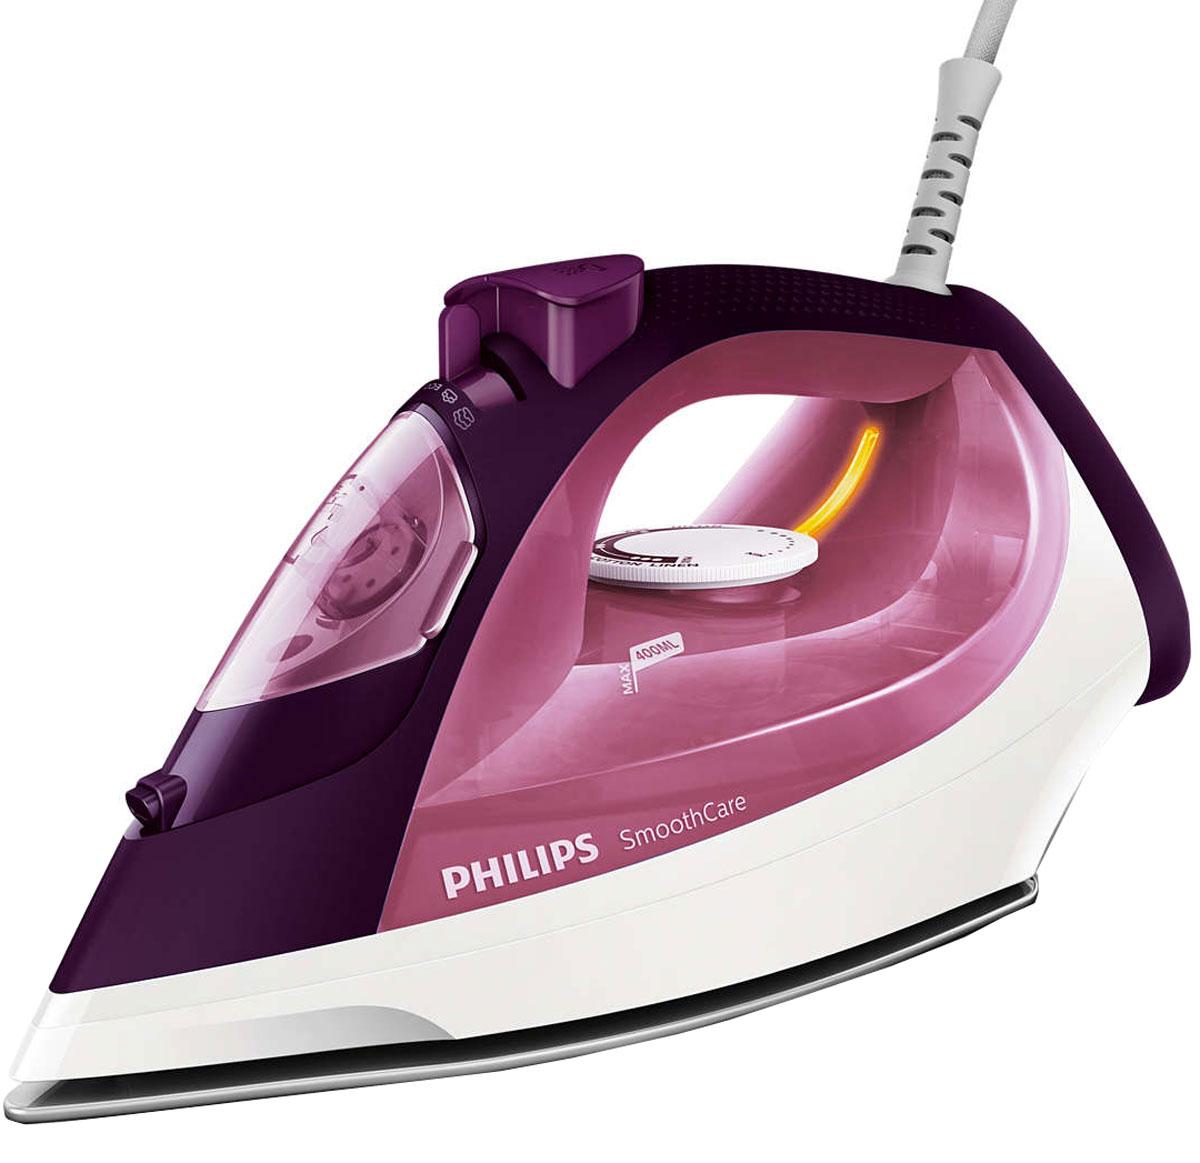 Philips GC3581/30 утюгGC3581/30Паровой утюг Philips GC3581/30 оснащен одним из самых больших резервуаров для воды. Гладьте дольше без долива! Мощный пар позволяет без труда разглаживать даже самые глубокие складки.Утюг Philips GC3581/30 оснащен системой капля-стоп, поэтому вы сможете гладить даже деликатные ткани при низкой температуре, не беспокоясь о появлении пятен воды на одежды.Функция очистки от накипи Calc Clean очищает утюг Philips GC3581/30 от известкового налета, продлевая срок службы утюга.Паровой утюг Philips GC3581/30 обеспечивает постоянную подачу пара до 40 г/мин, обеспечивая оптимальное количество пара для разглаживания складок.Удобное глаженье без частого долива воды. Большой резервуар для воды 400 мл обеспечивает более долгое глаженье и не требует частого наполнения. Простое управление за счет больших кнопок и удобного парорегулятора.Функцию парового удара можно использовать для вертикального отпаривания и устранения жестких складок.Керамическая подошва EasyFlow устойчива к царапинам, хорошо скользит и удобна в очистке.